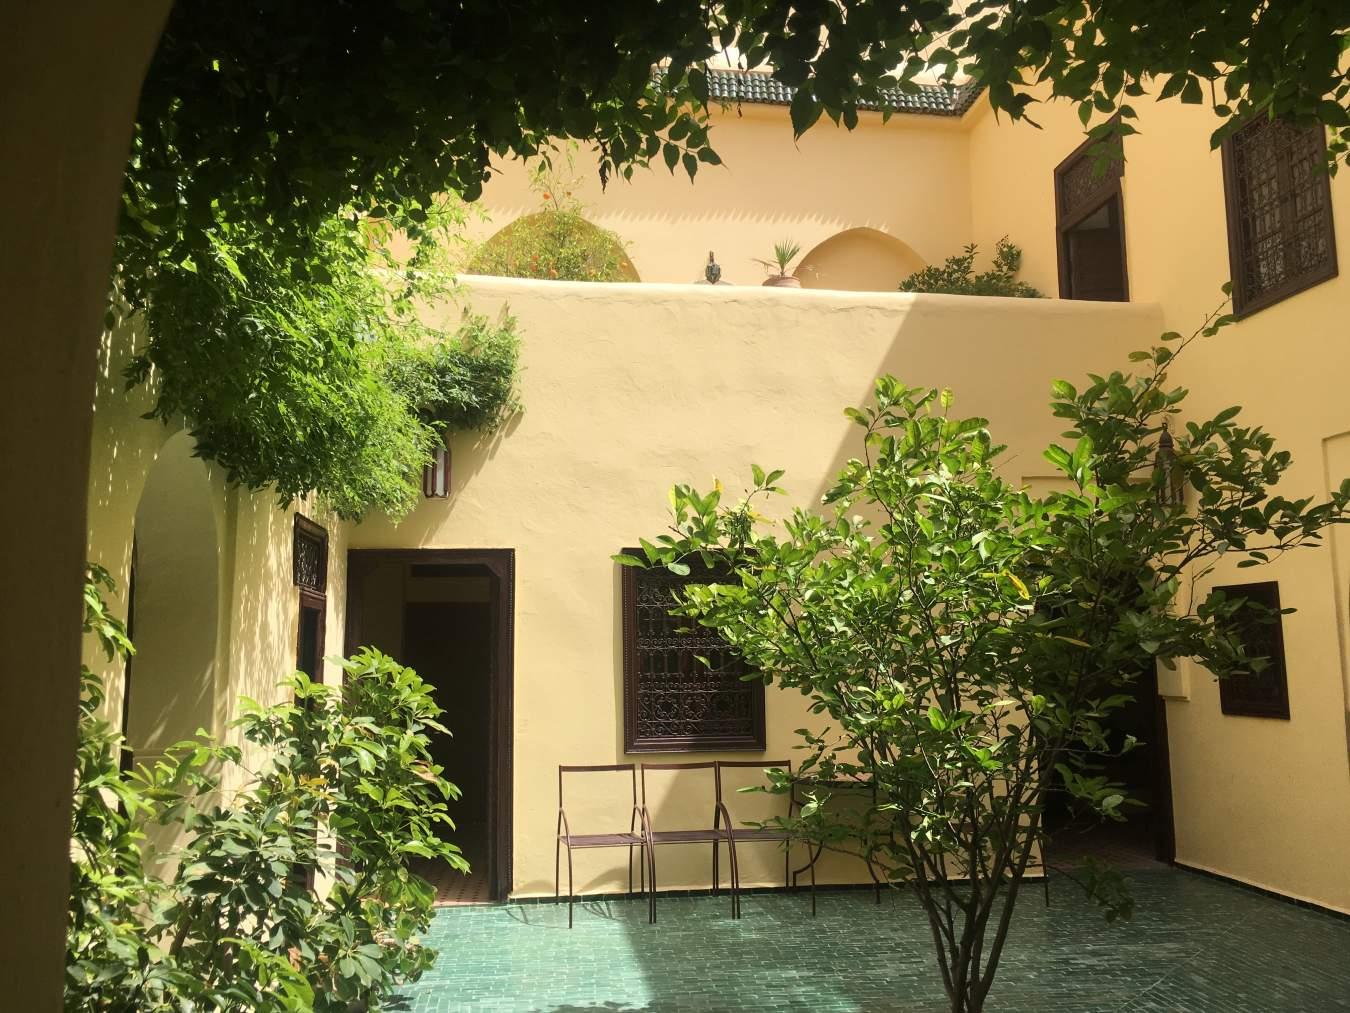 riad vente Restaurant Marrakech Place Jamaa El Fna Dabachi